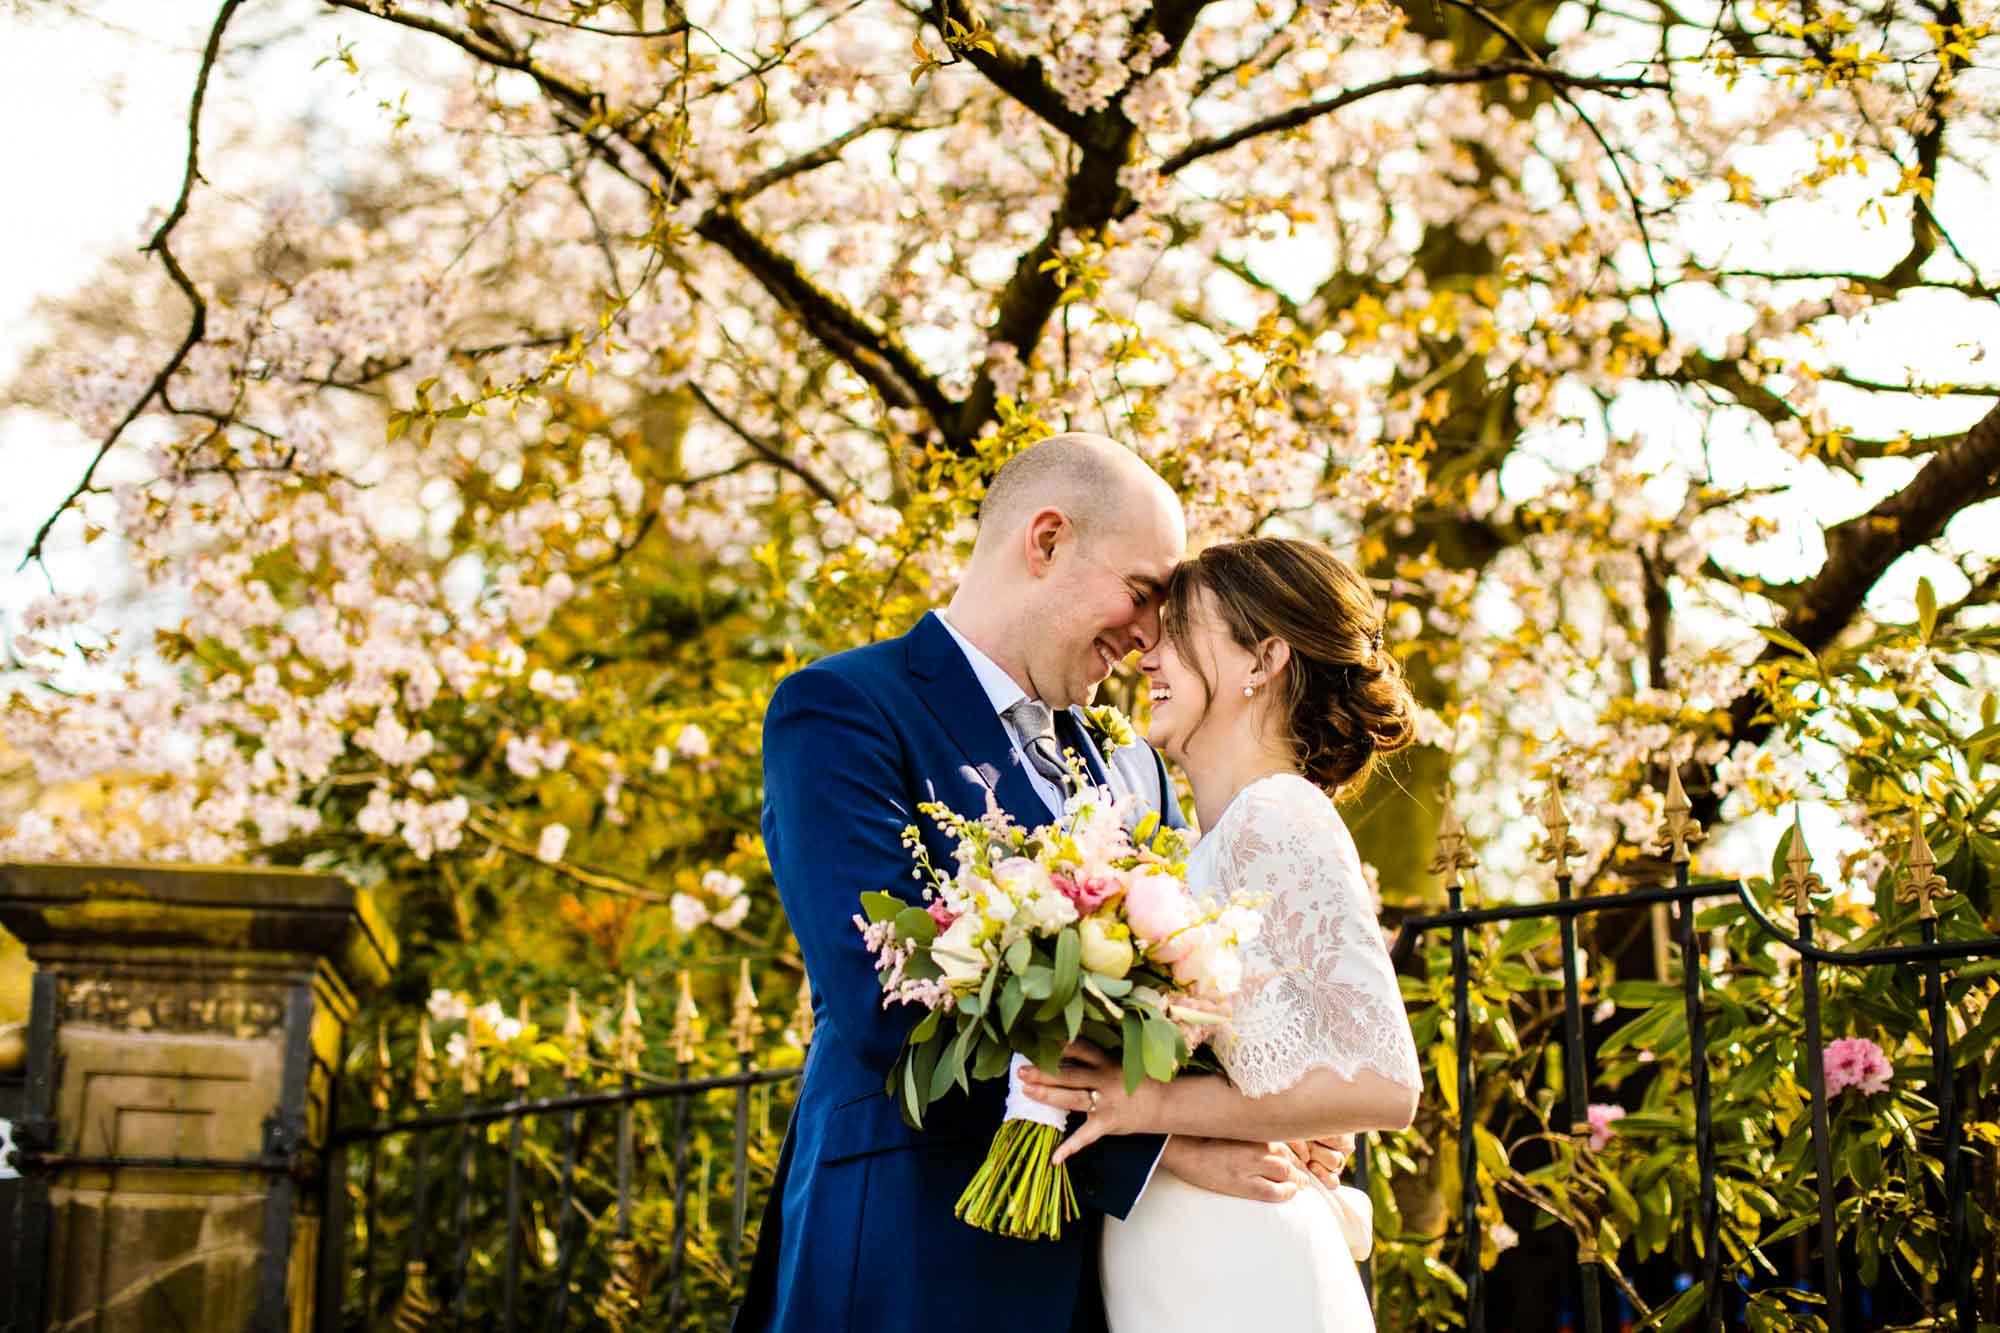 Wedding Photographs Fletcher Moss Manchester